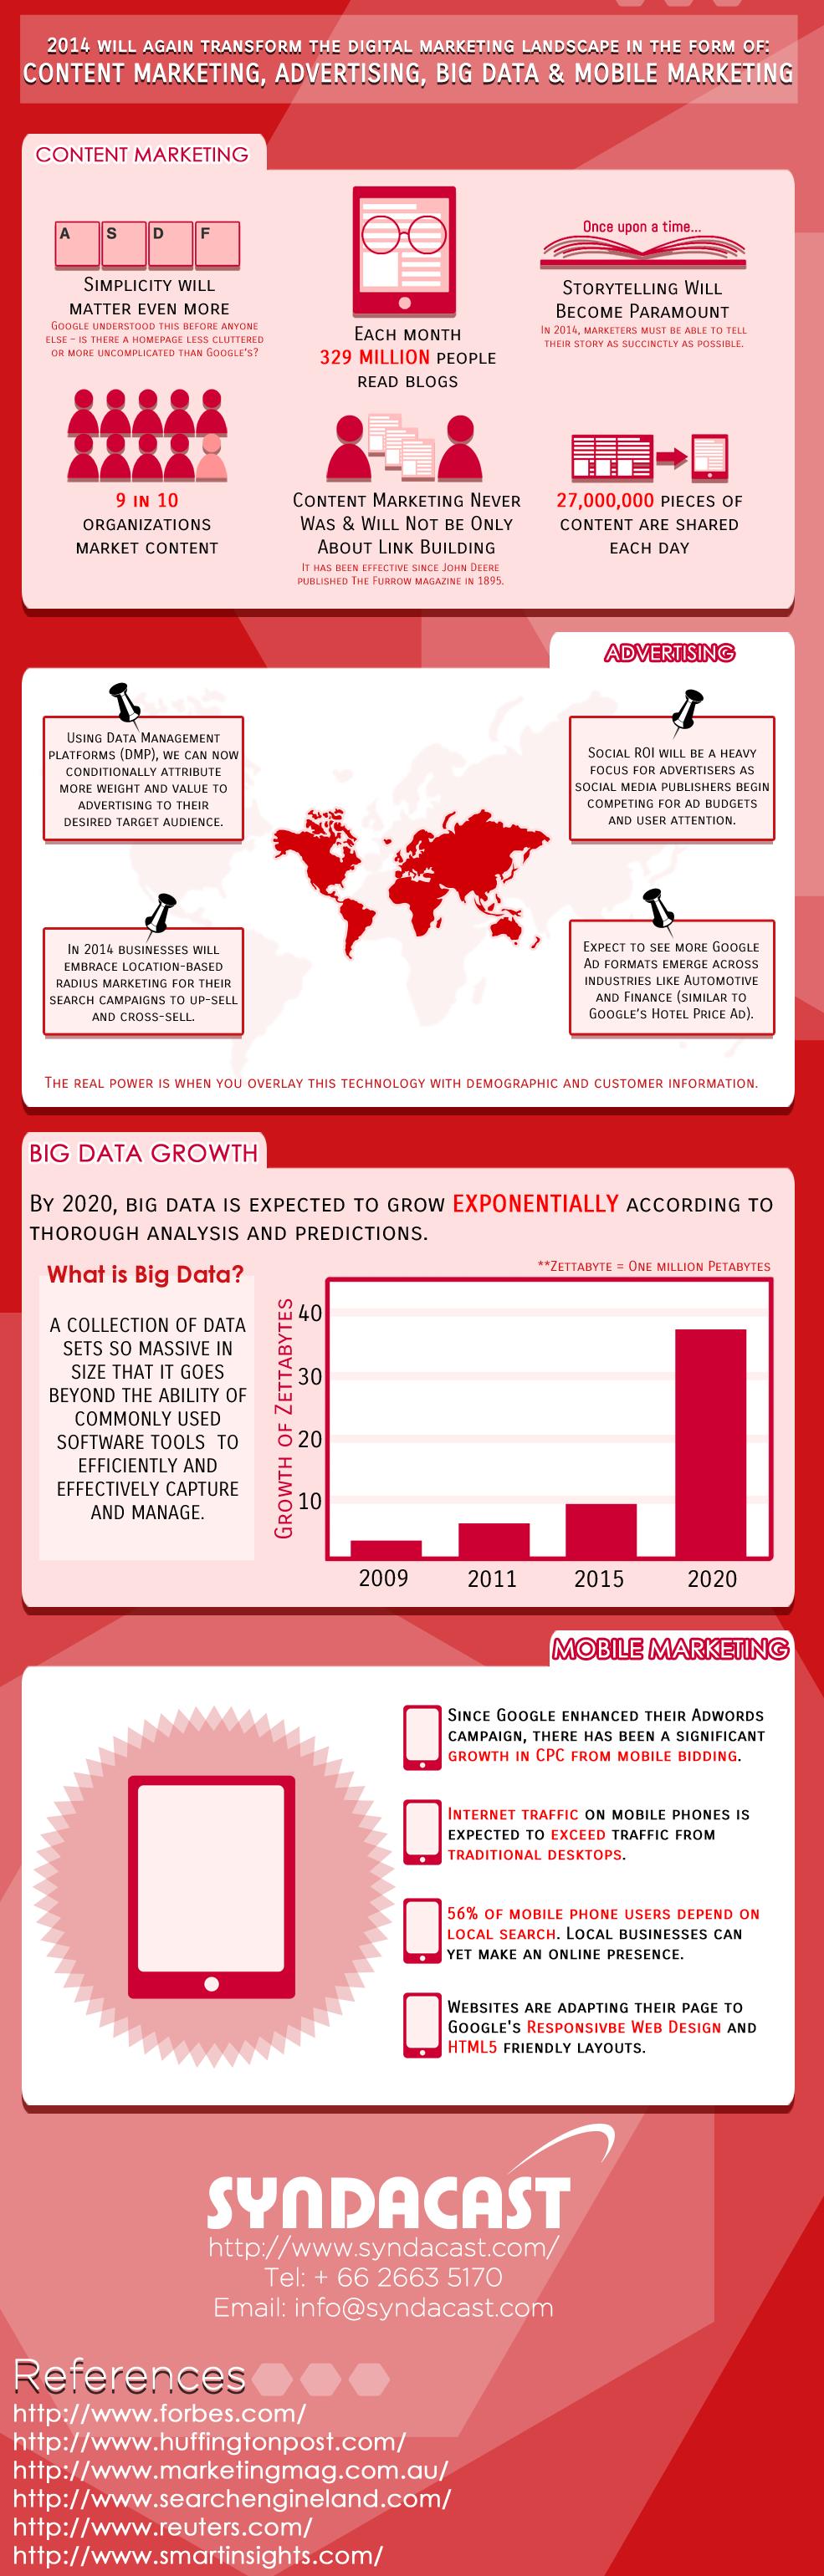 Digital-Marketing-Trends-2014ss